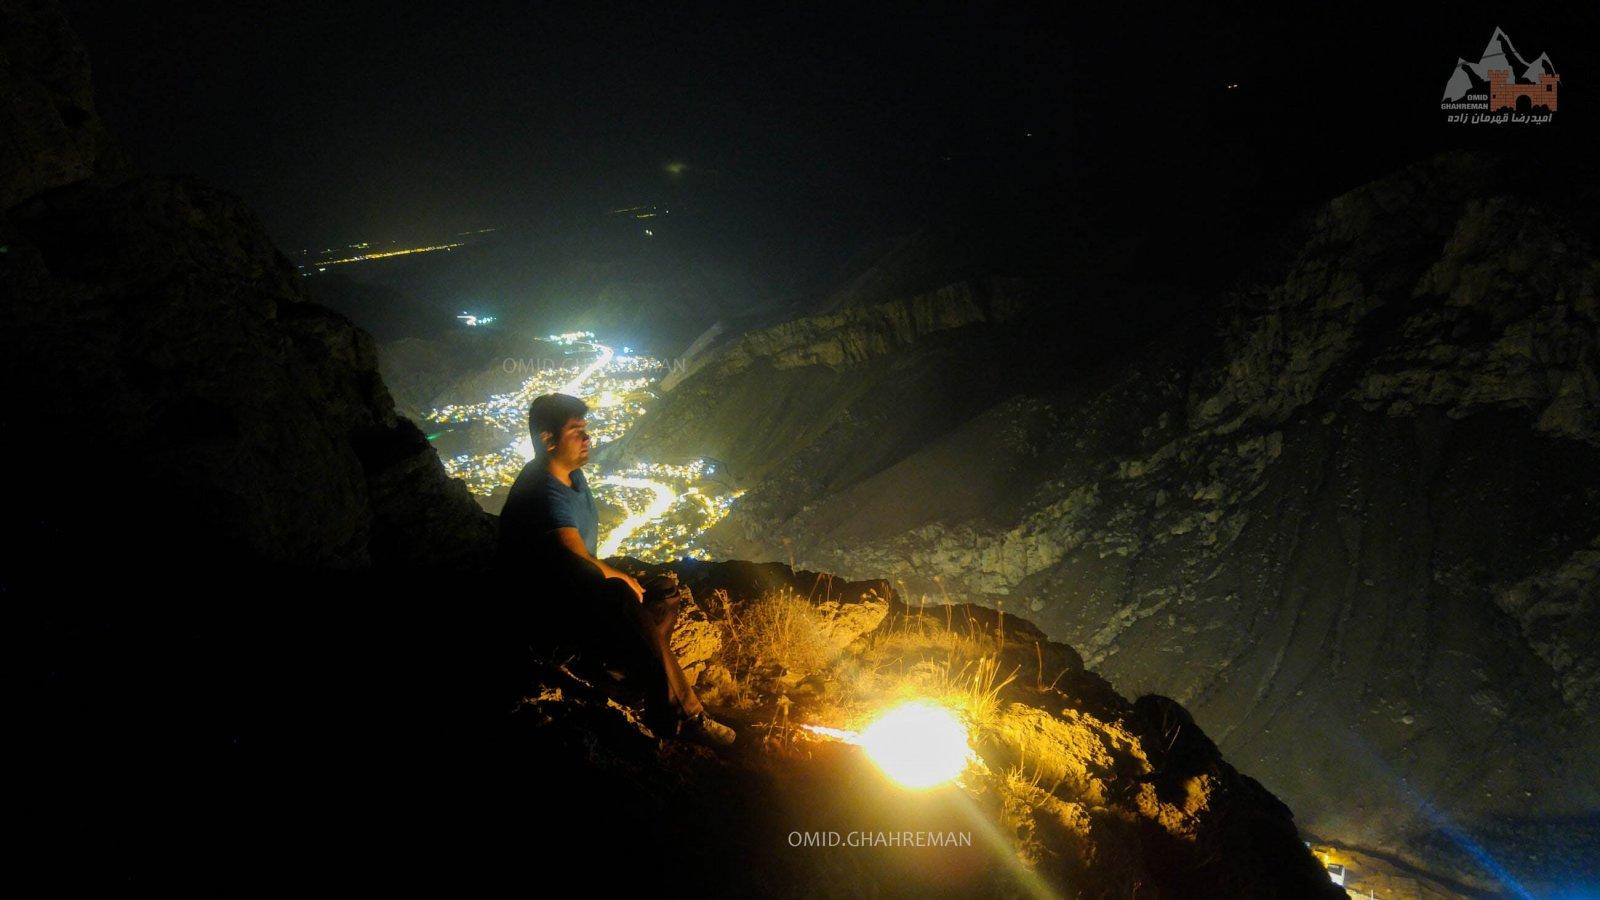 شب طلایی در کوهستان شهر سنگی ماکو بالای قیه